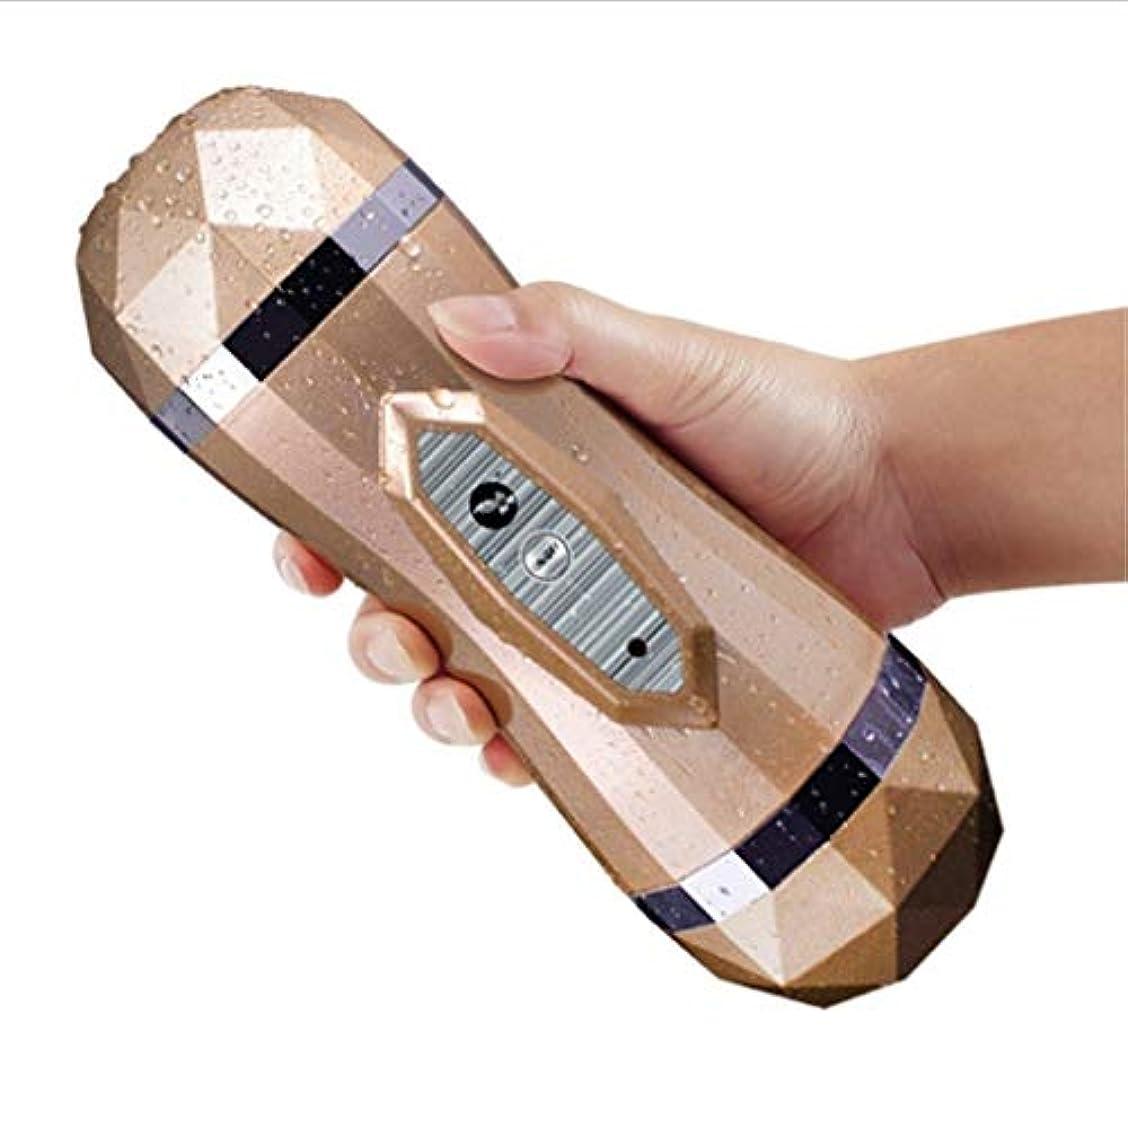 ビタミン大腿良さRisareyi 男性用自動電動オーラルカップ玩具玩具マルチ周波数バイブレーションモード2-in-1玩具振動ツール玩具エクステンダースリーブ